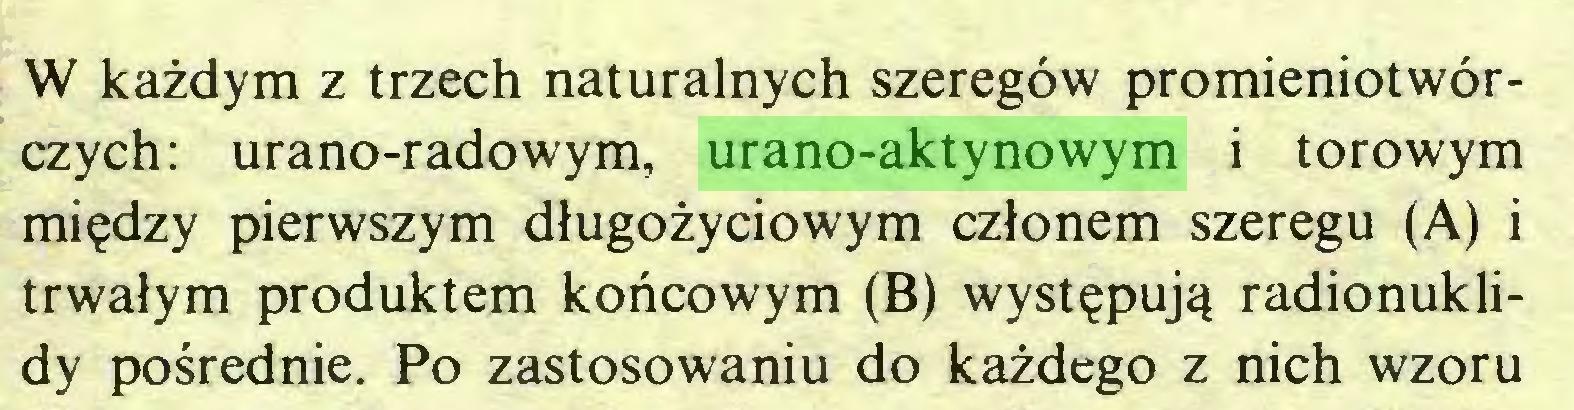 (...) W każdym z trzech naturalnych szeregów promieniotwórczych: urano-radowym, urano-aktynowym i torowym między pierwszym długożyciowym członem szeregu (A) i trwałym produktem końcowym (B) występują radionuklidy pośrednie. Po zastosowaniu do każdego z nich wzoru...